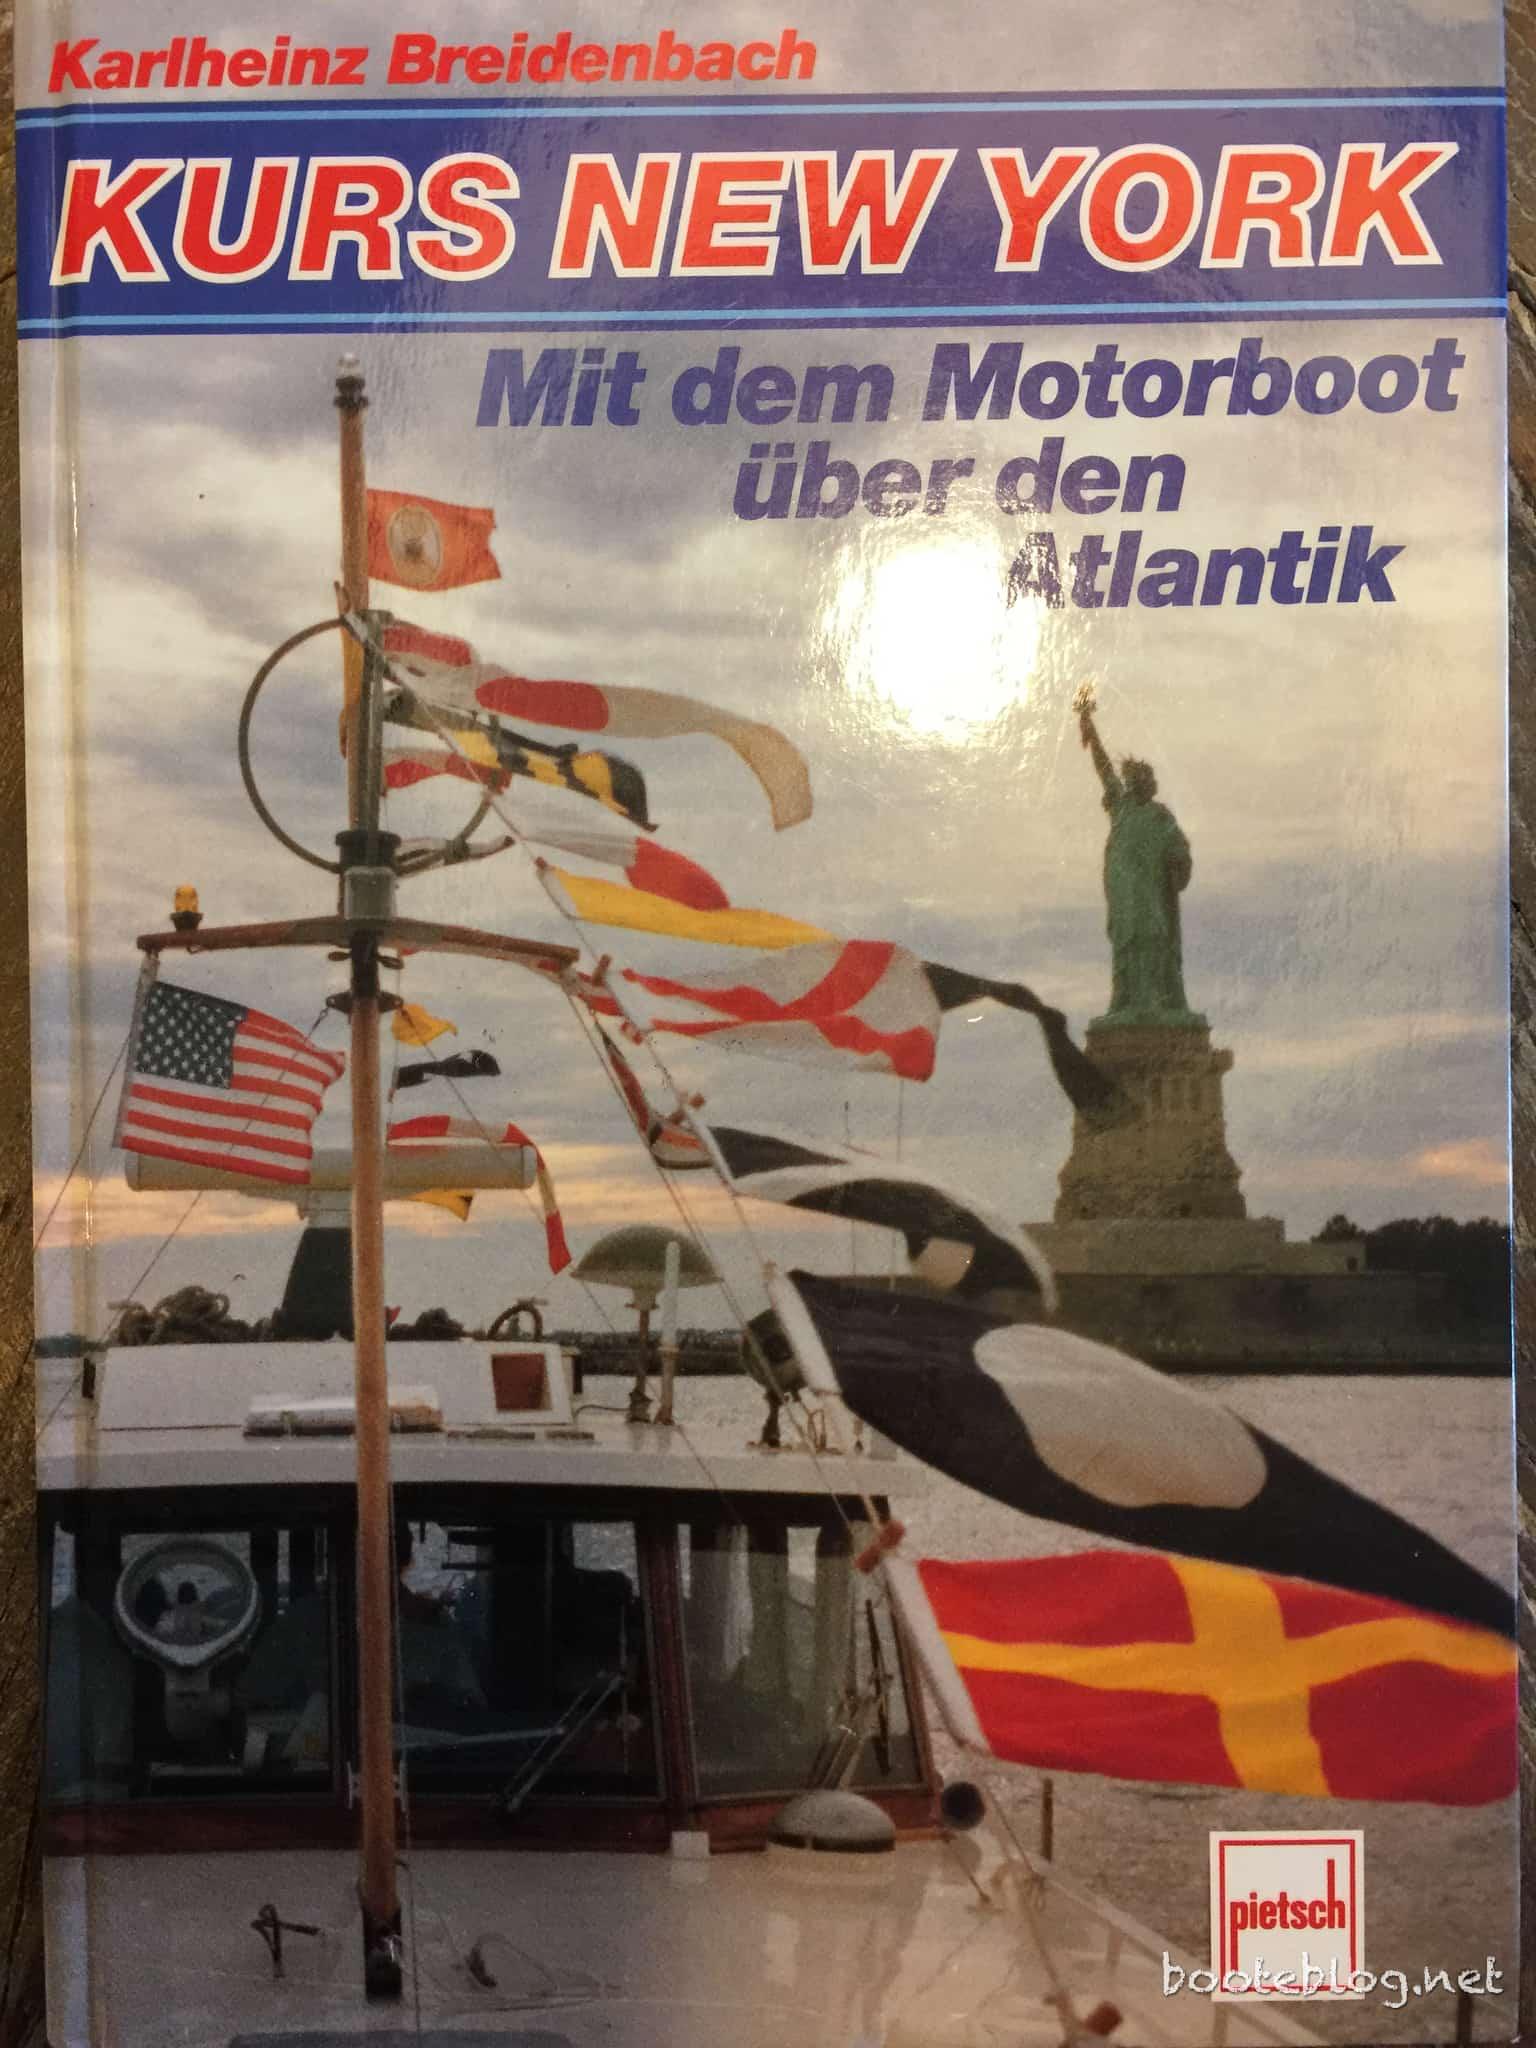 Kurs New York - Ganz große Seemannschaft, eine wahnsinns-Tour!